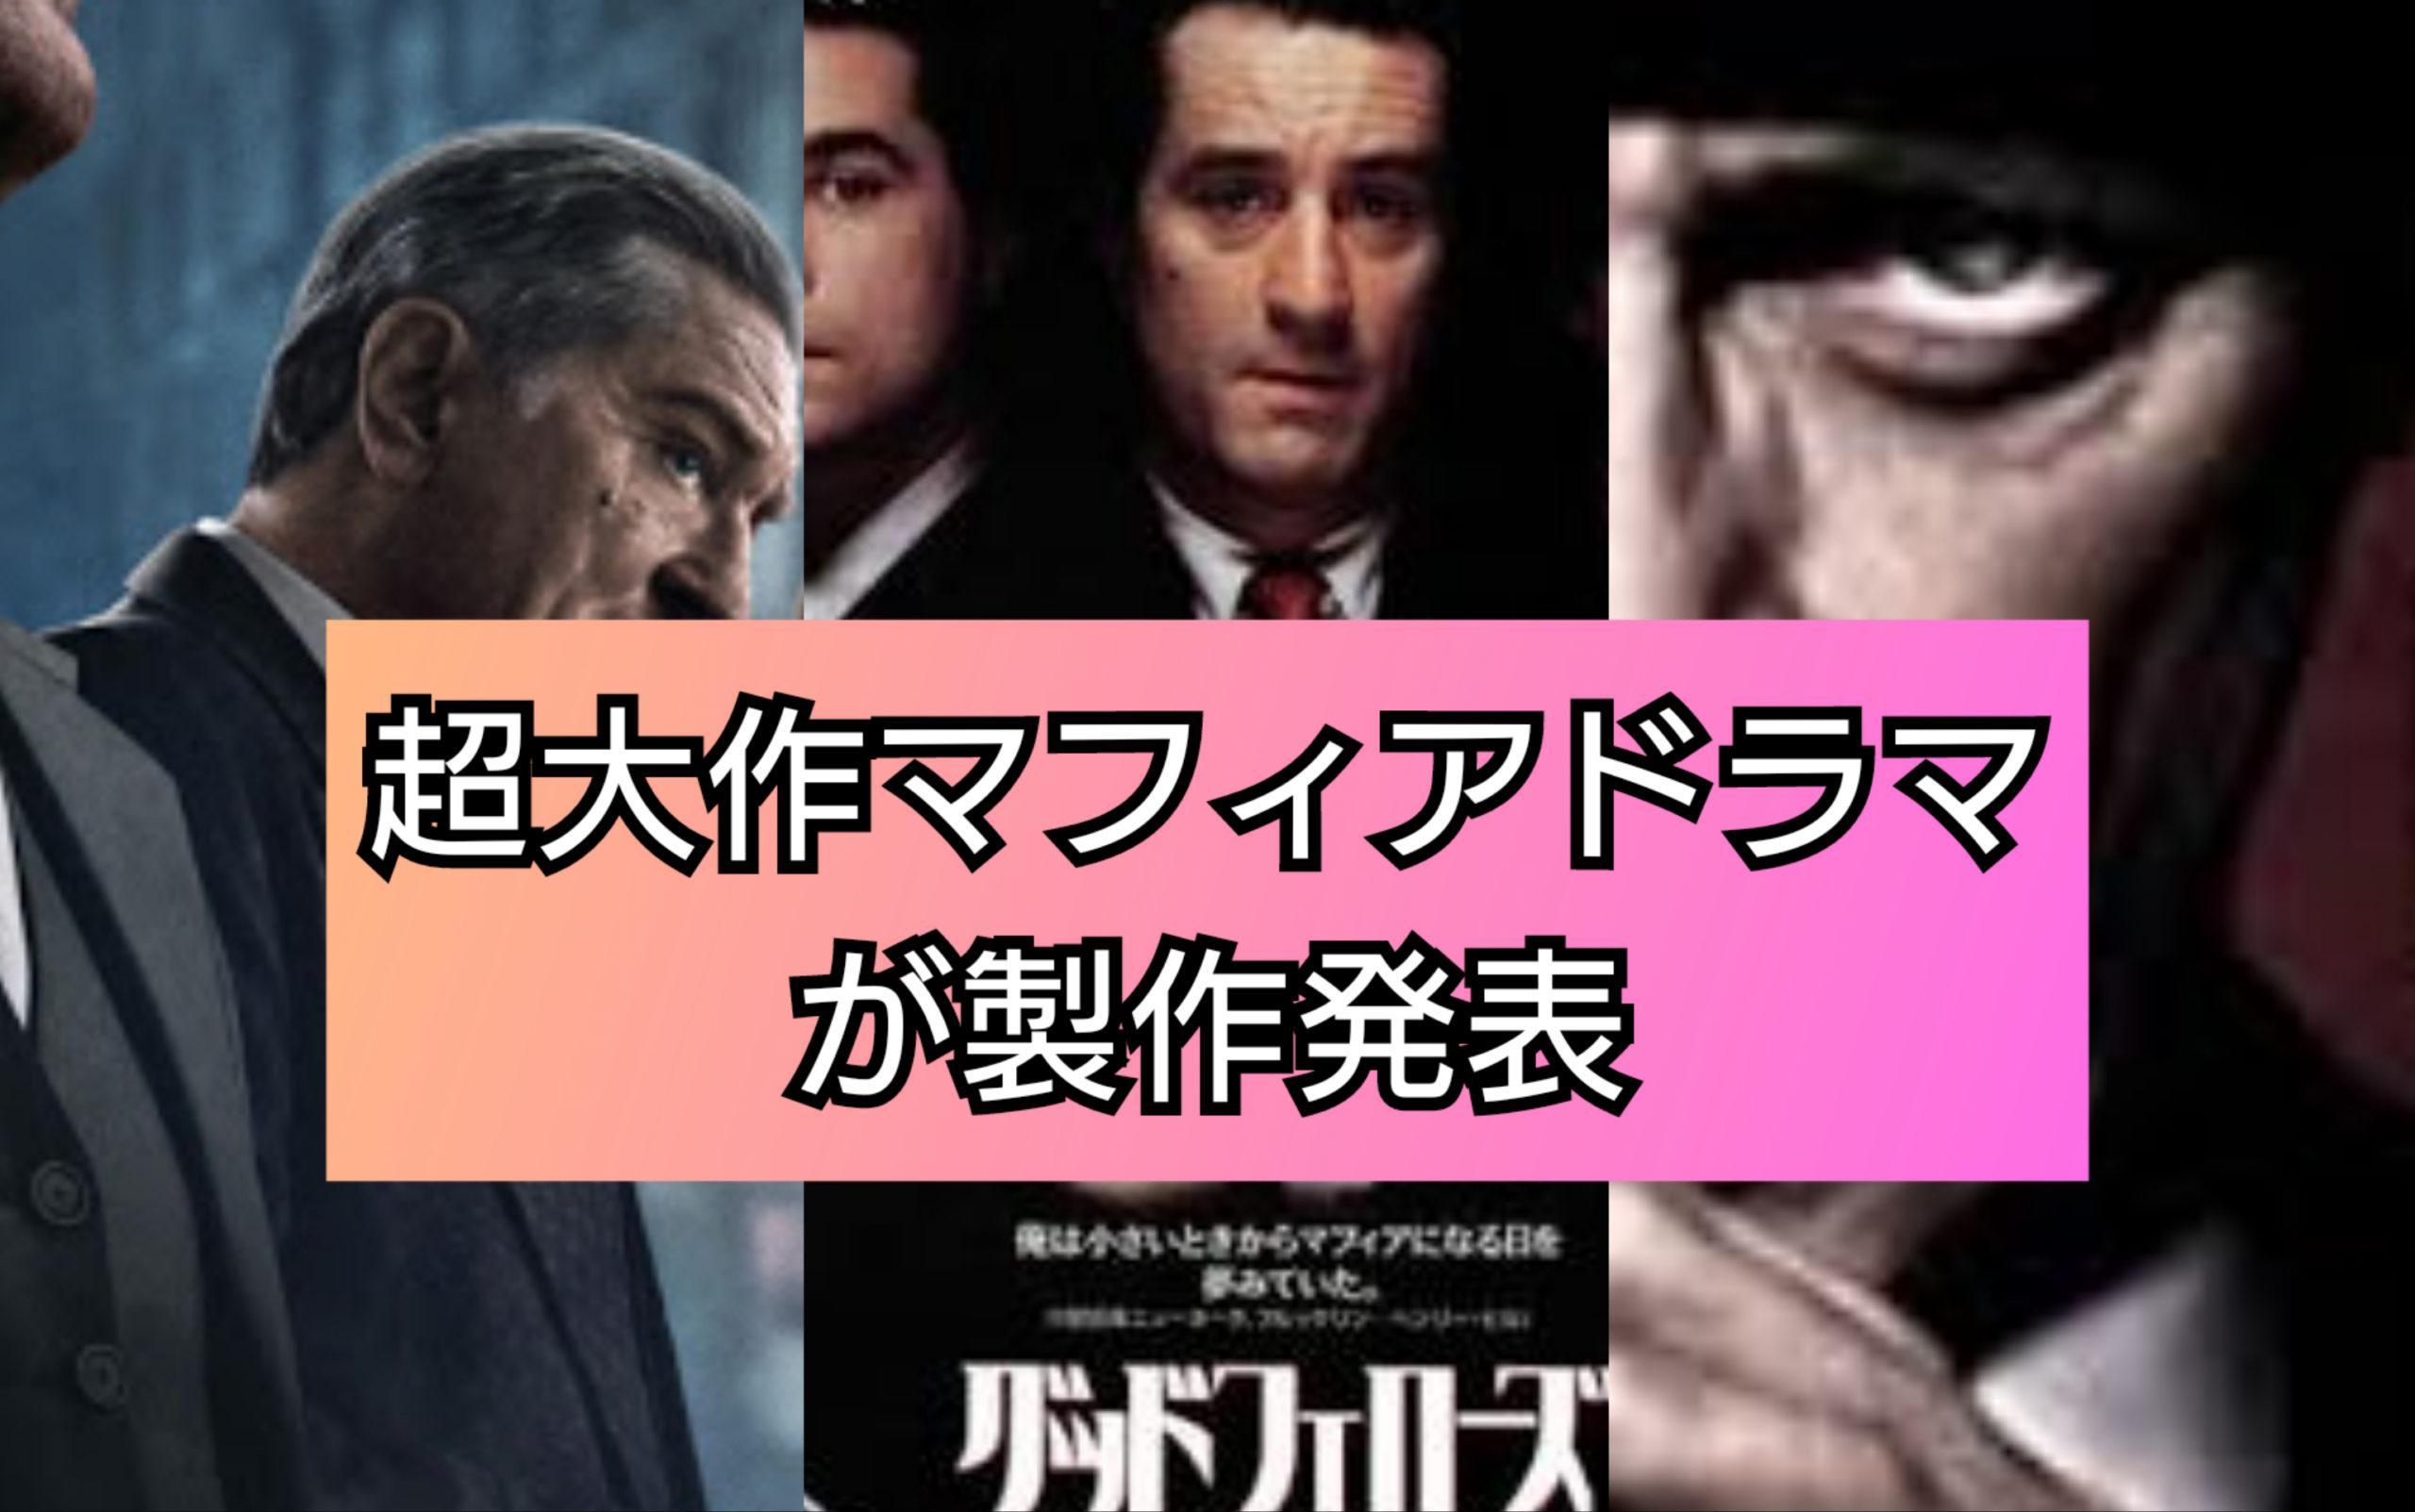 大作マフィアドラマが製作発表 名作間違いなし!